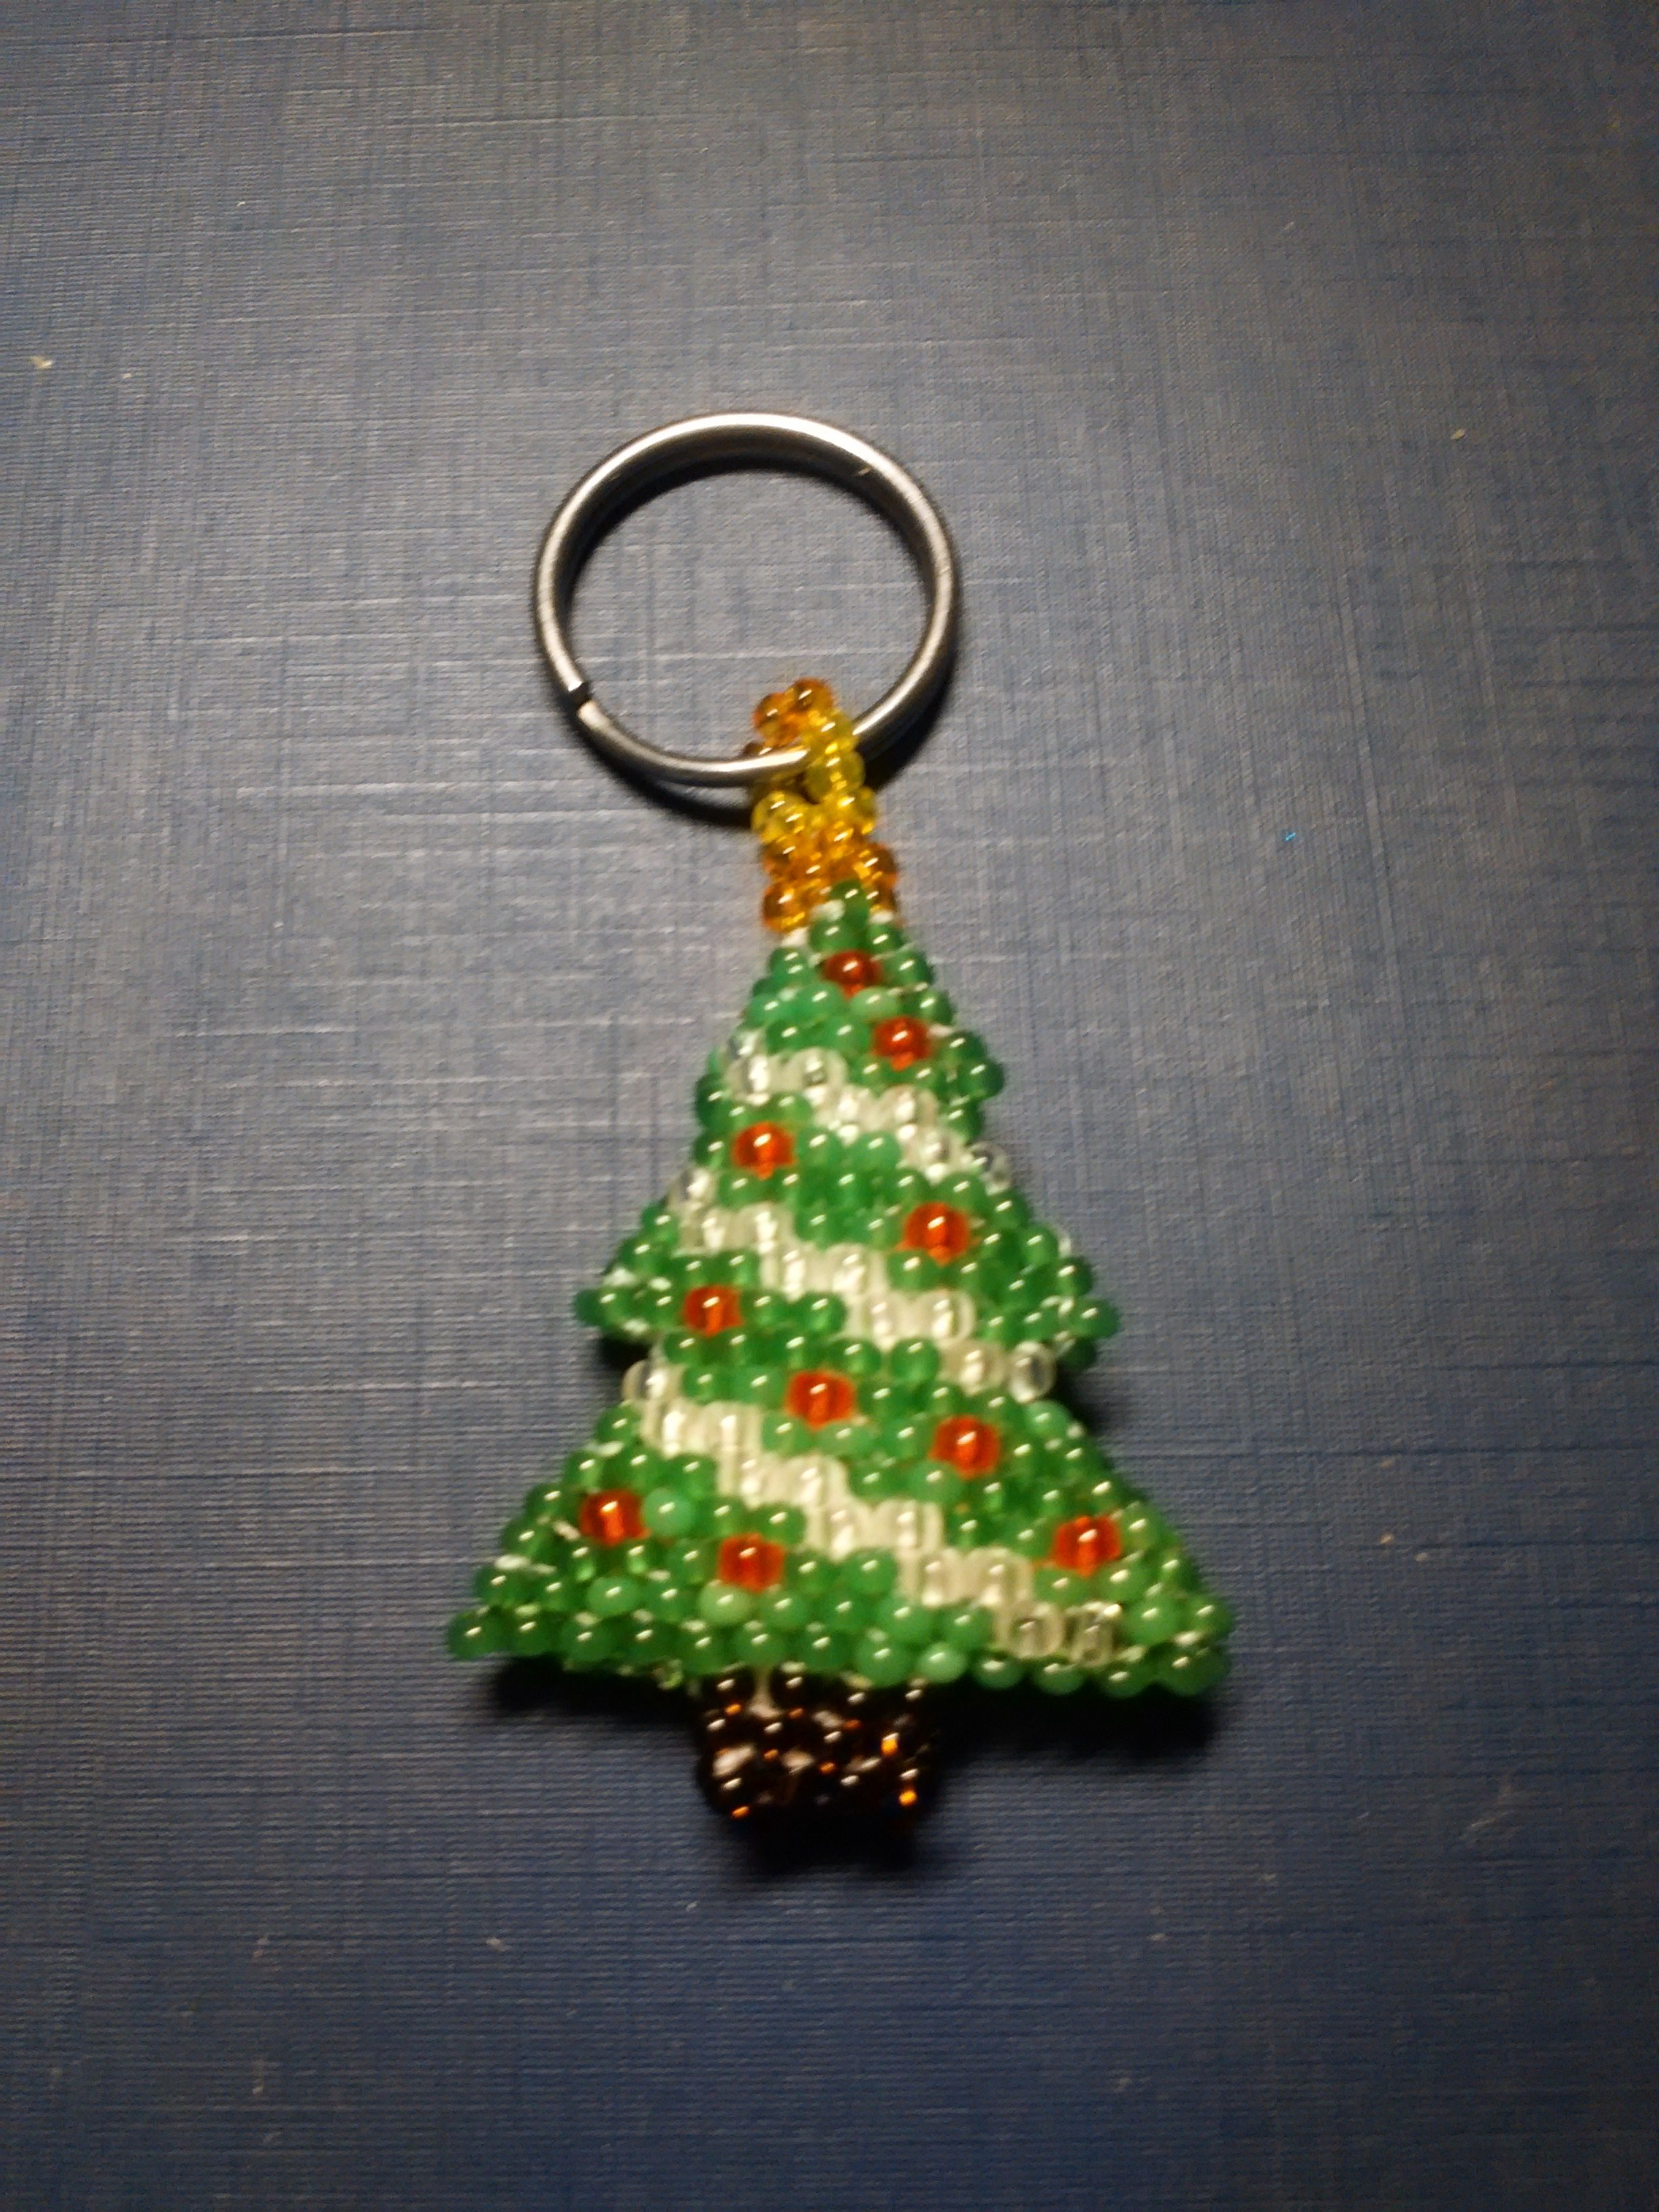 сосна избисера 2017год новогоднеедерево украшения бисер аксессуары елка брелок ёлка символ новыйгод подарок